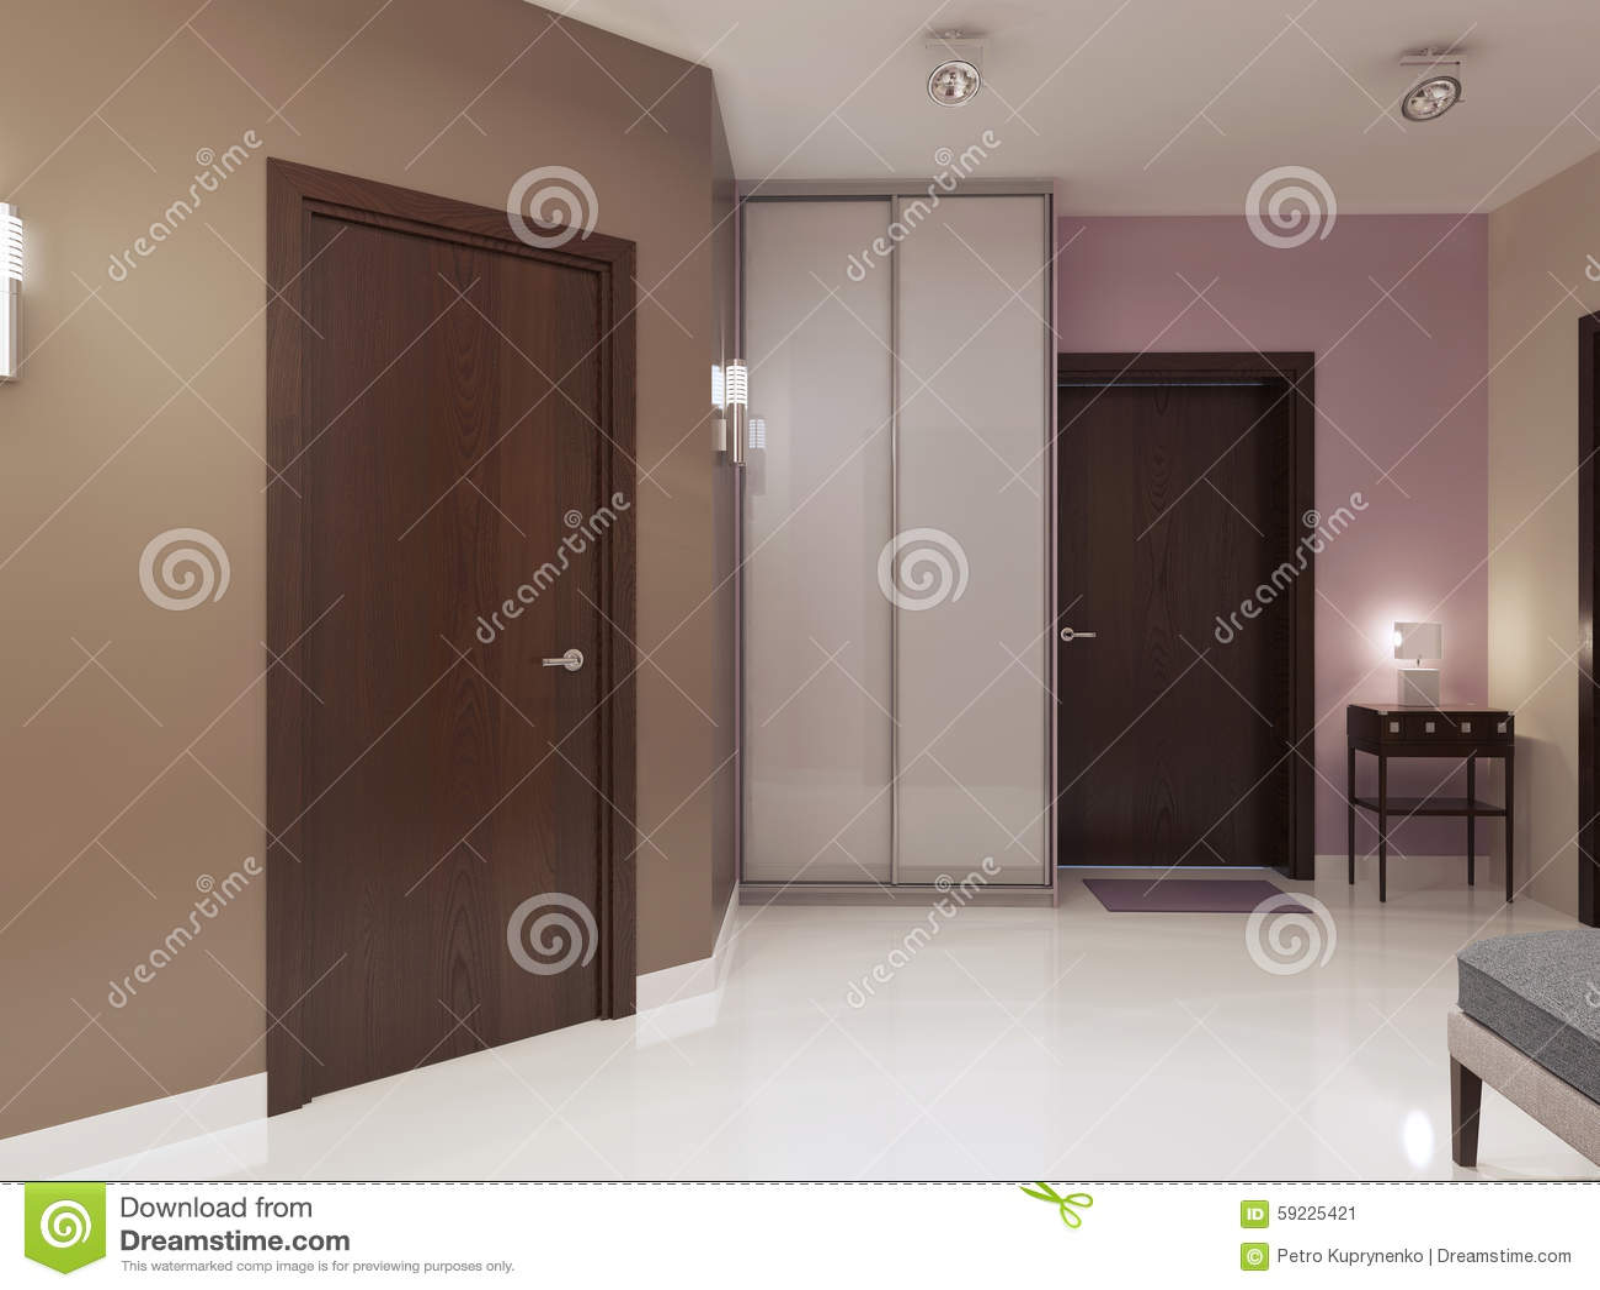 Idea del hall de entrada minimalista